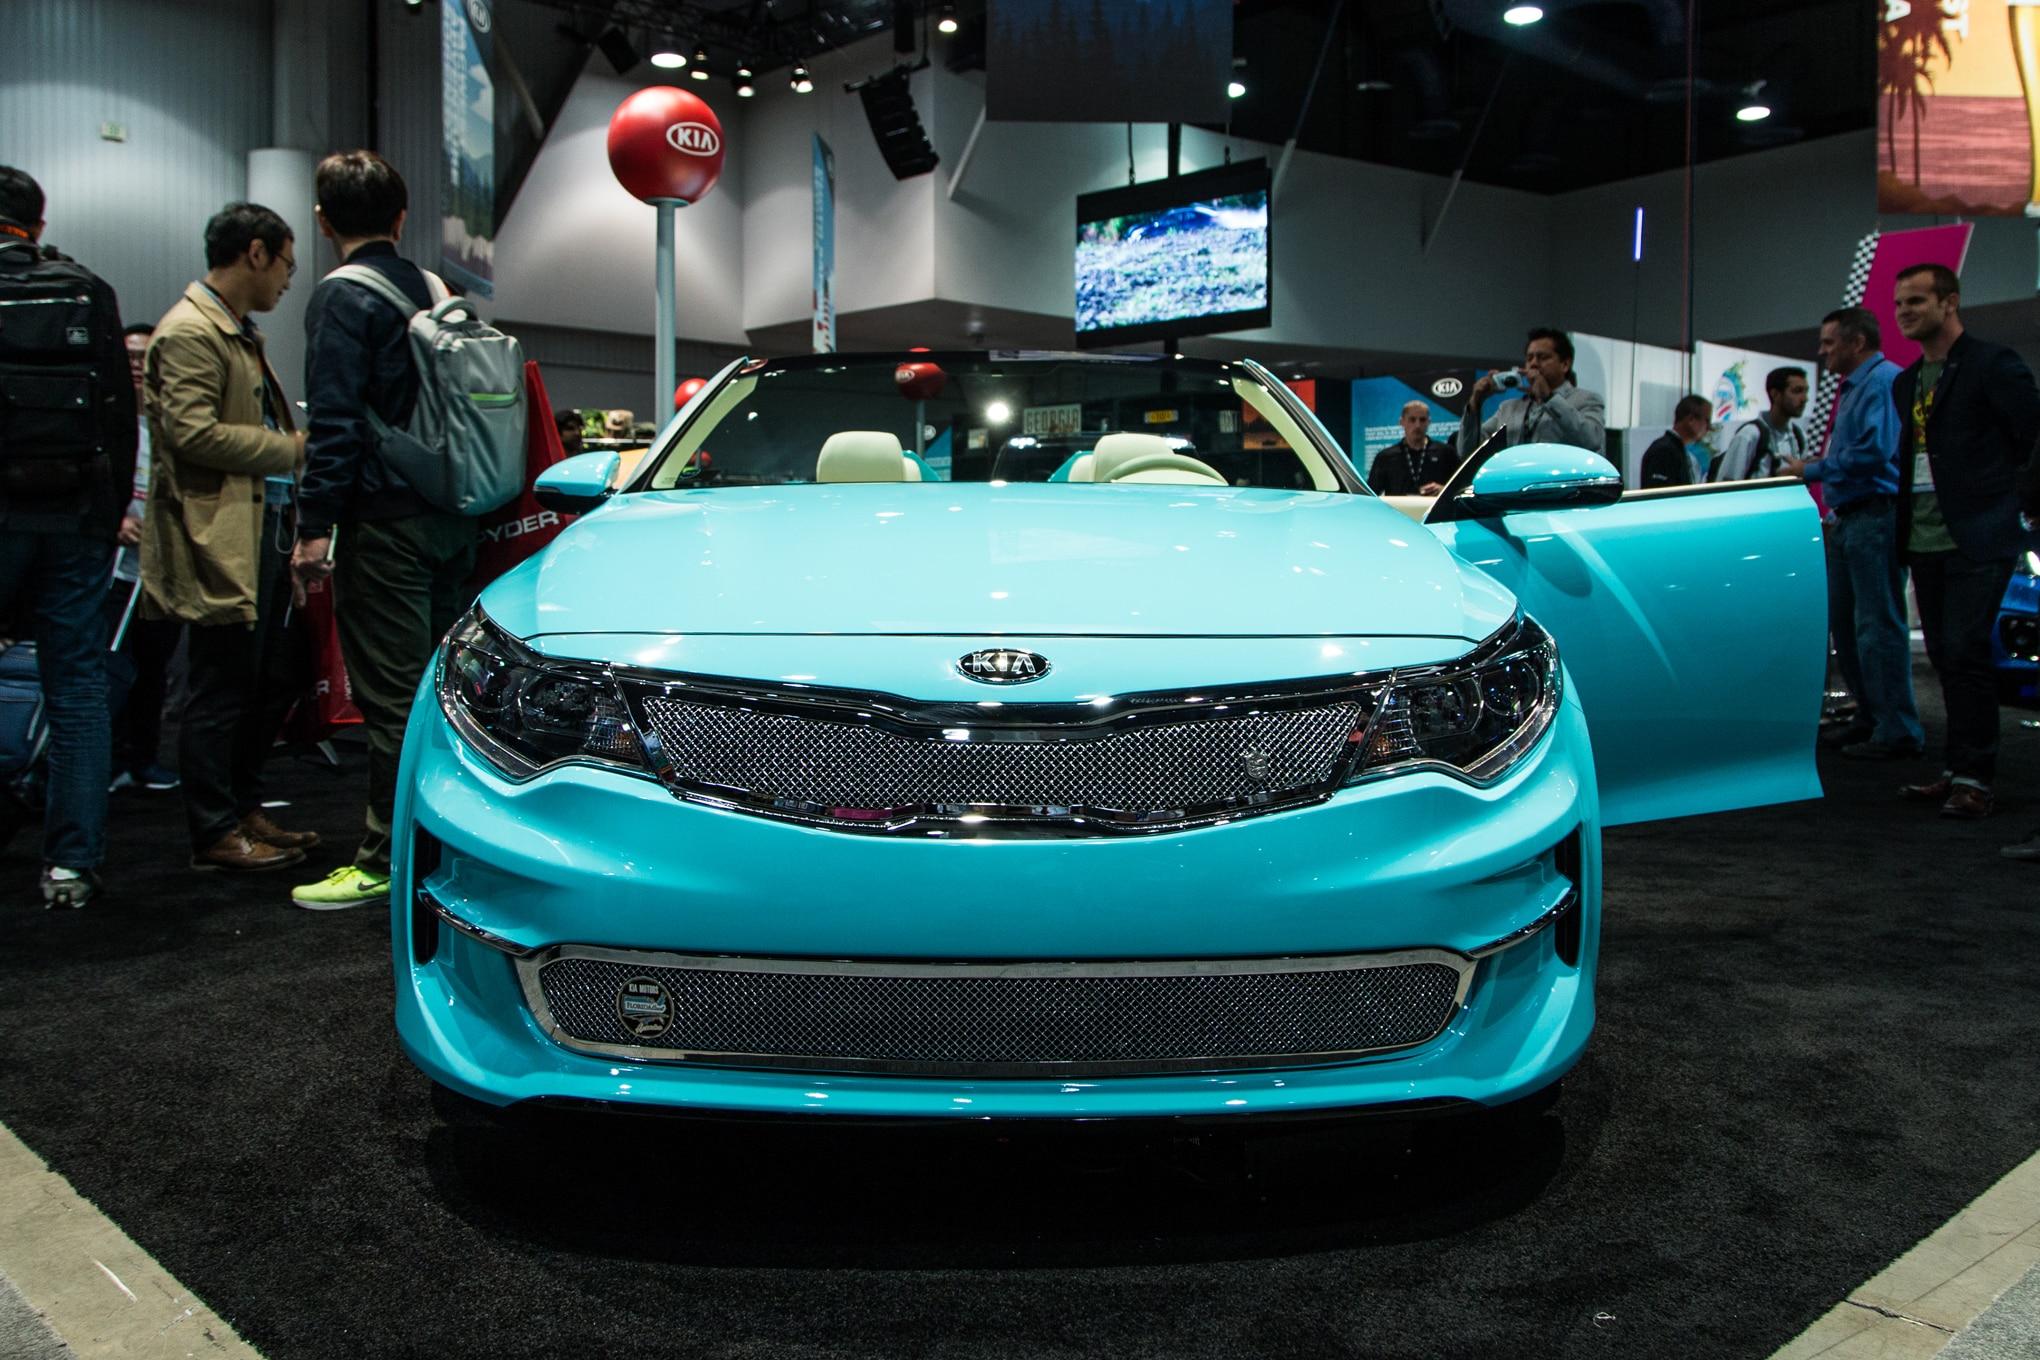 2016 Kia Optima A1a Convertible Concept Front End